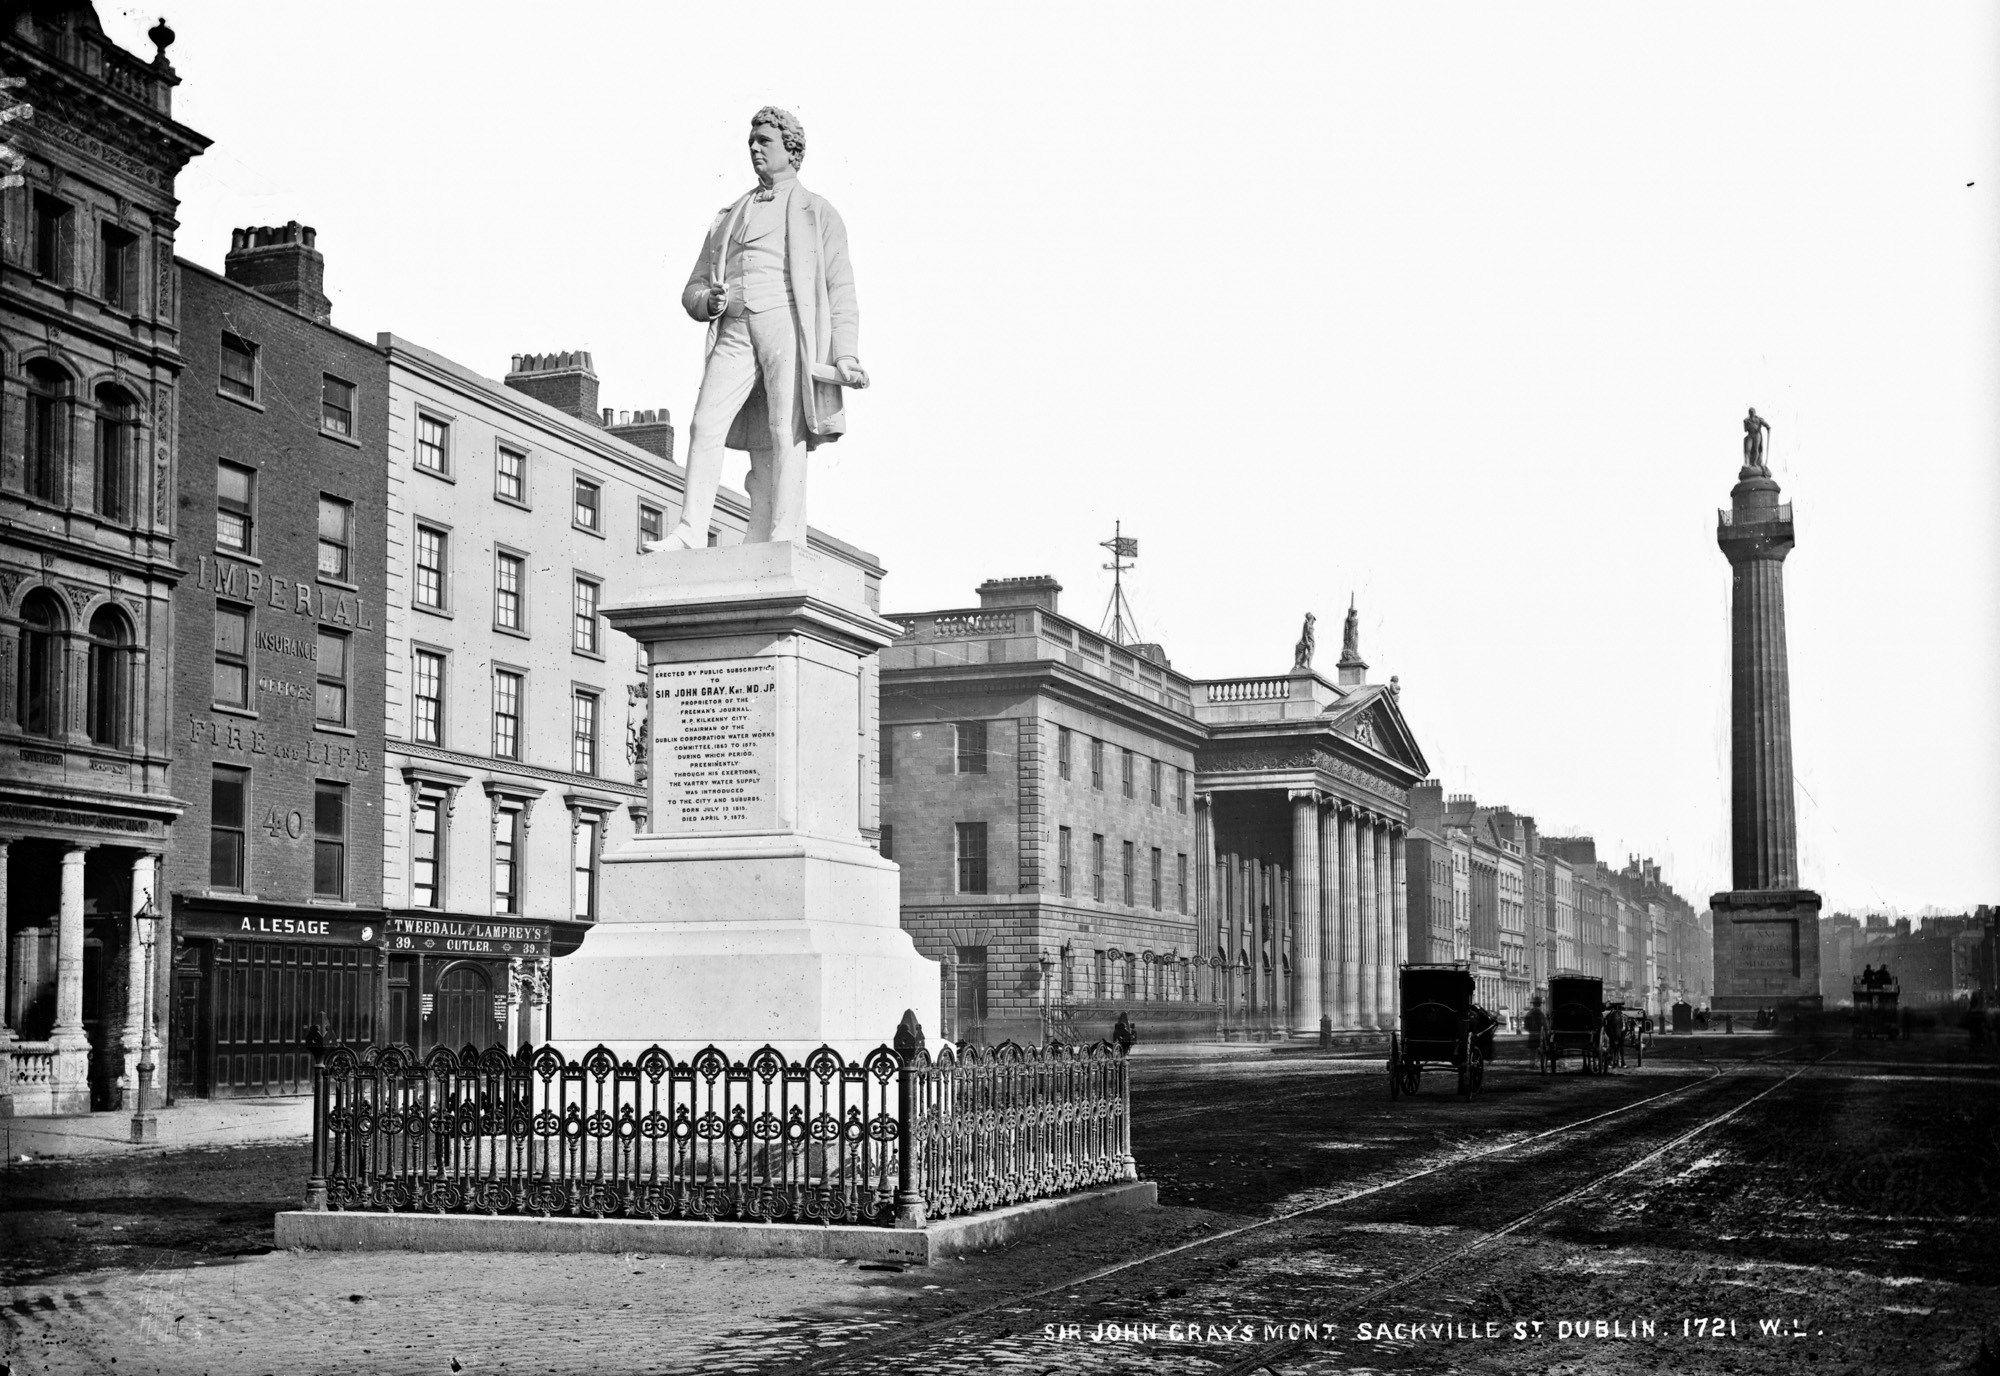 Photo of the Sir John Gray (181575) statue on Sackville